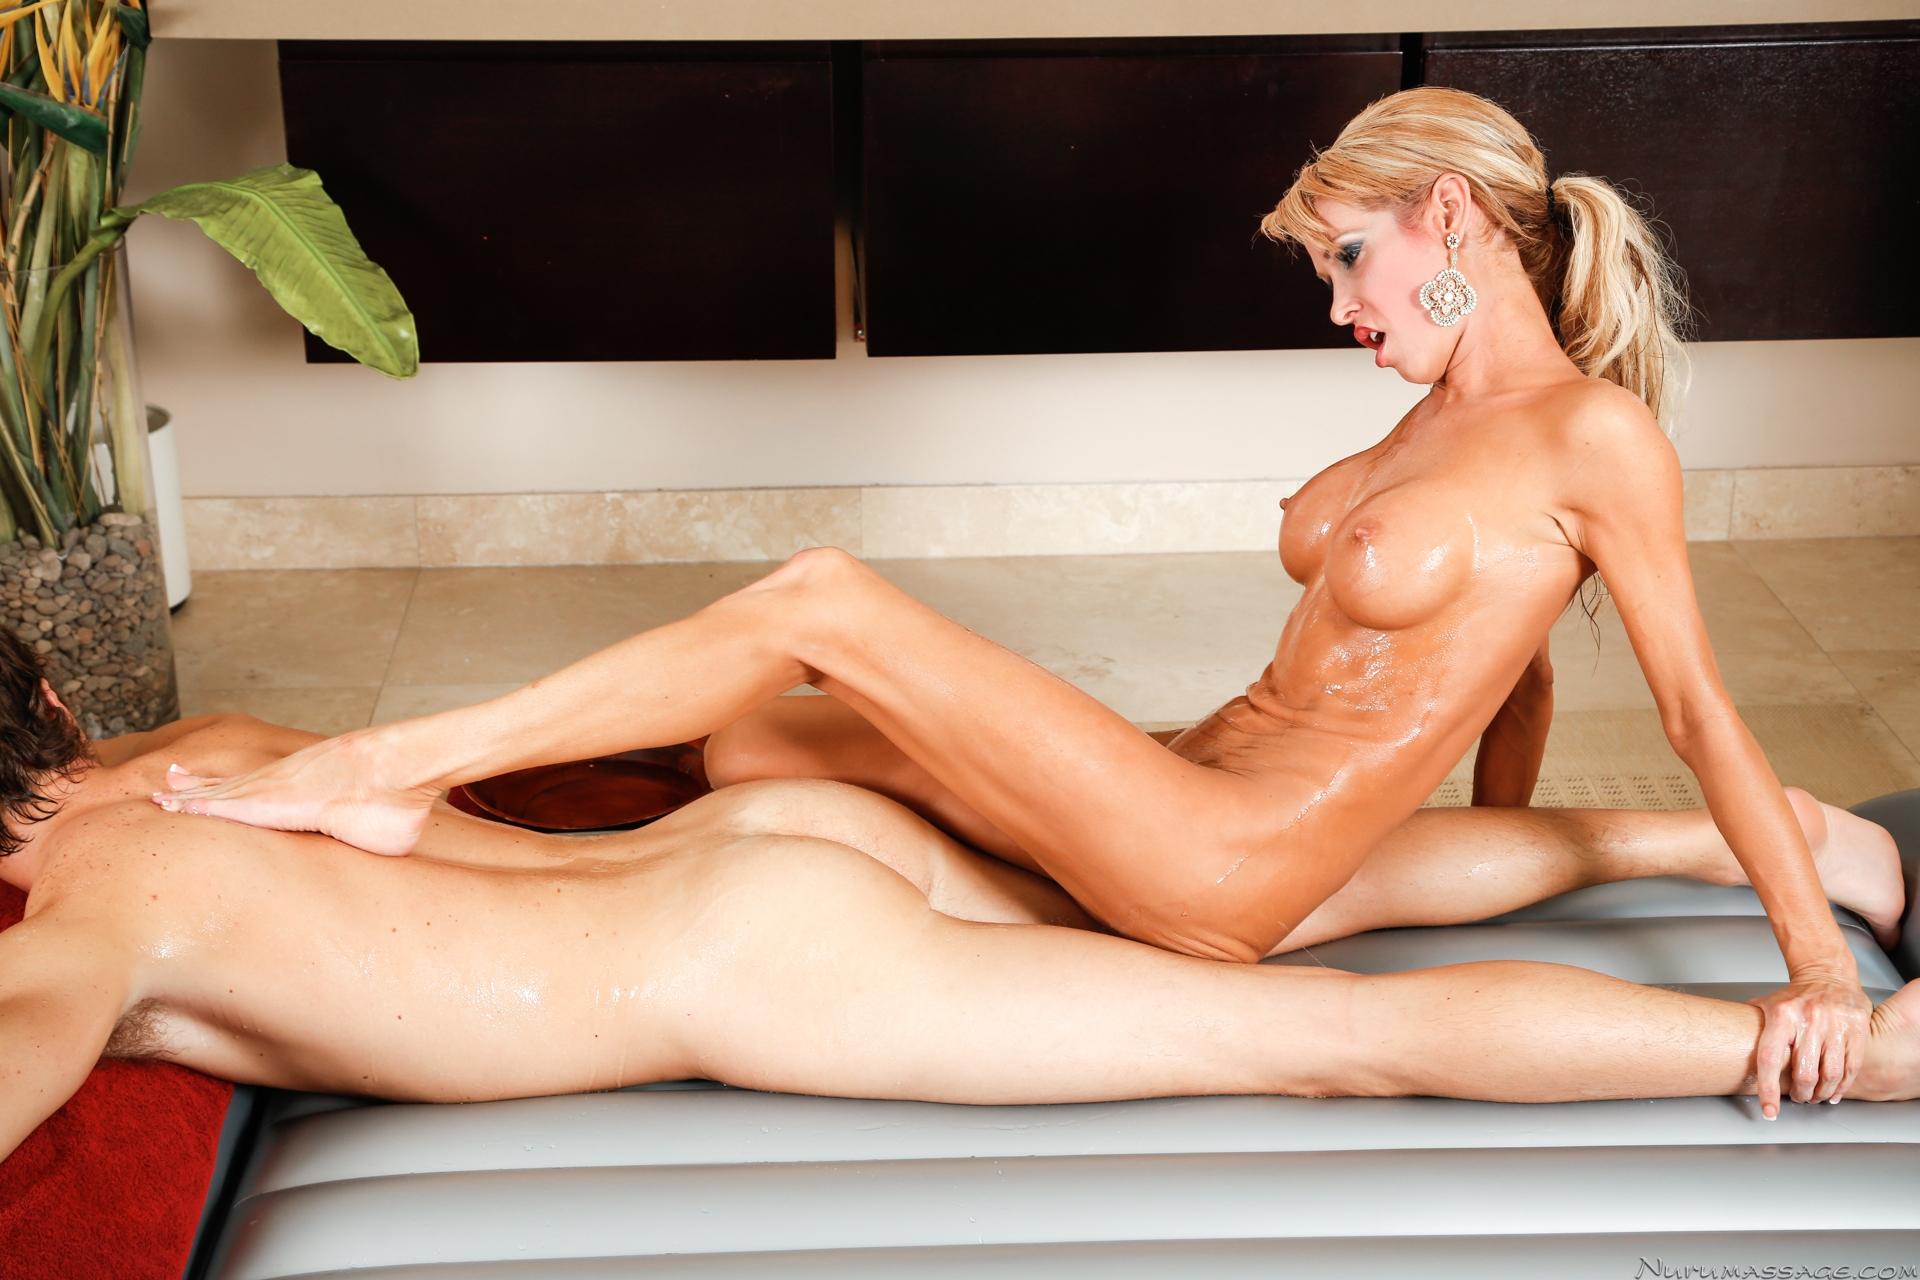 mies seksi nuru massage online